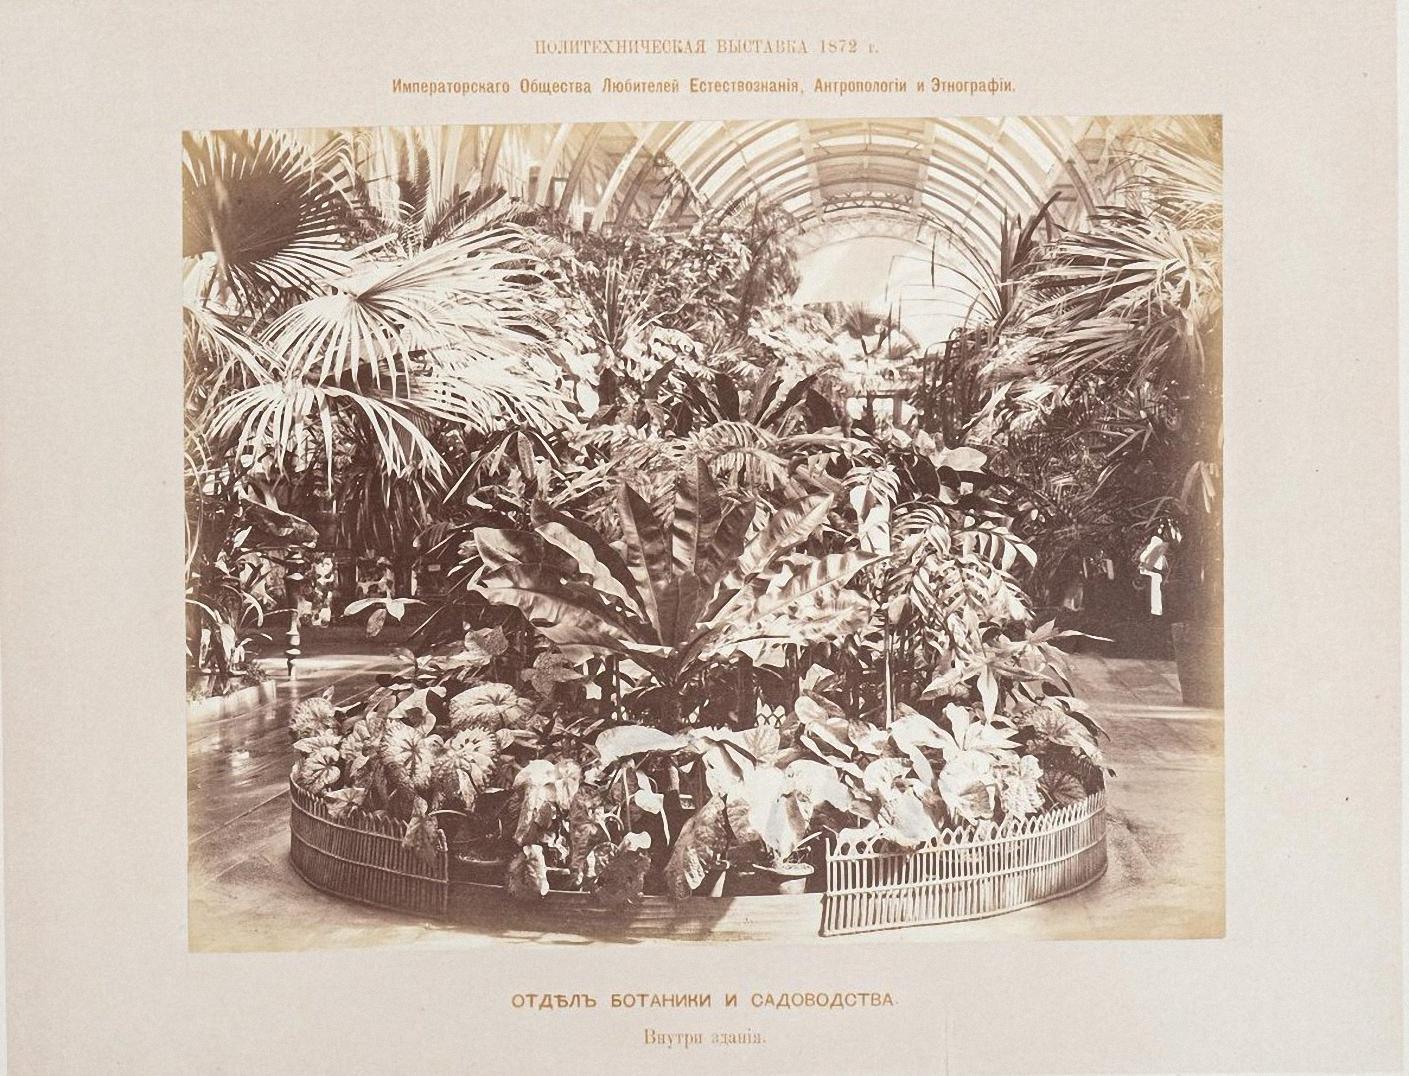 Александровский сад. Павильон ботаники и садоводства. Вид внутри